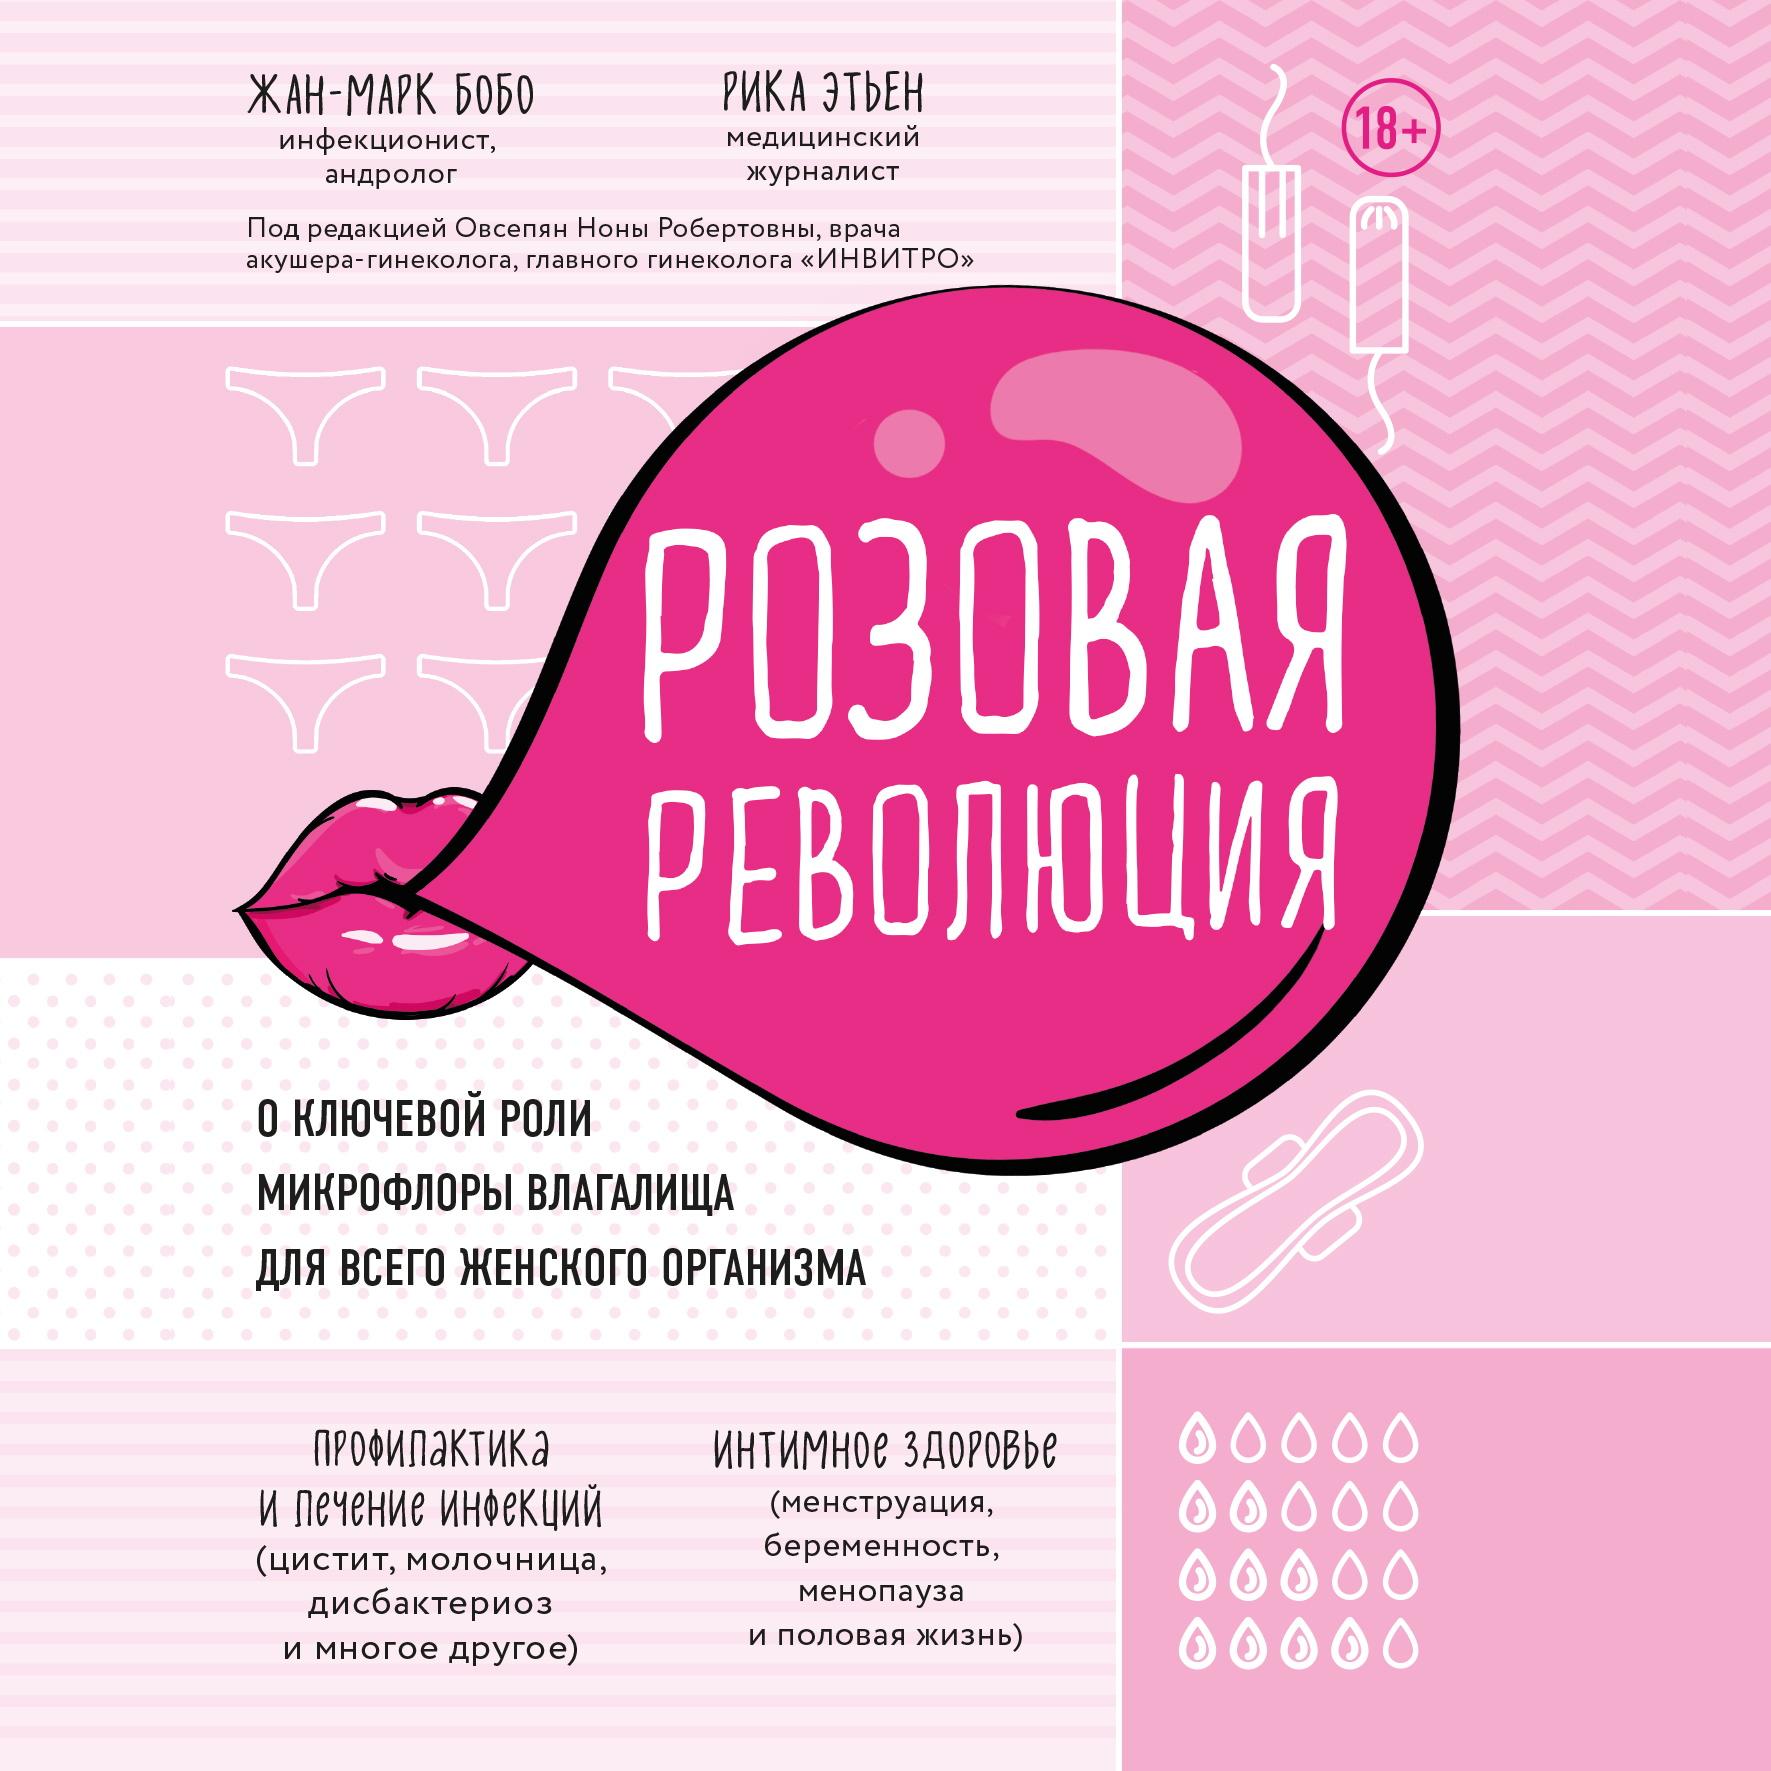 Розовая революция. О ключевой роли микрофлоры влагалища для всего женского организма